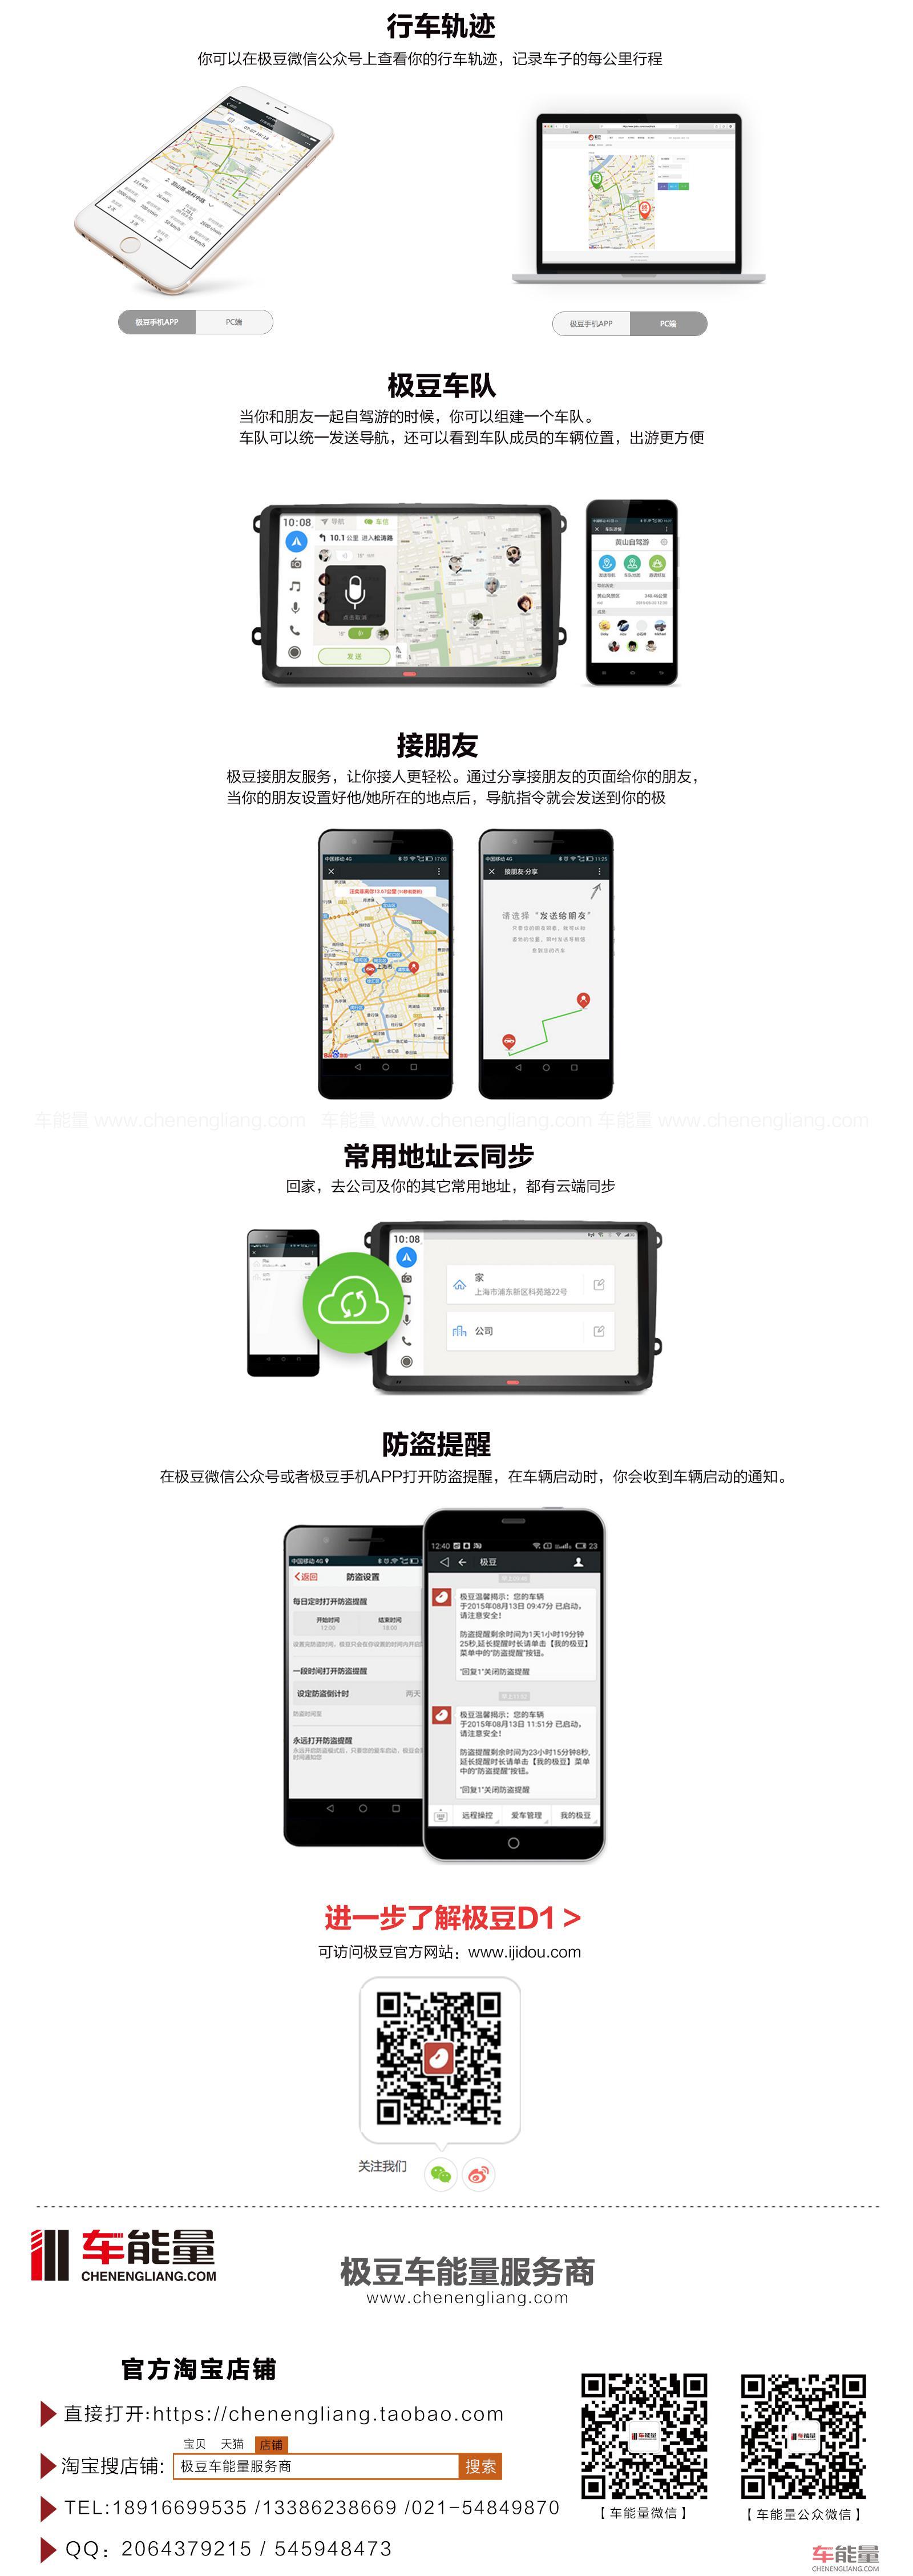 极豆导航软件(精华篇)by车能量4.jpg